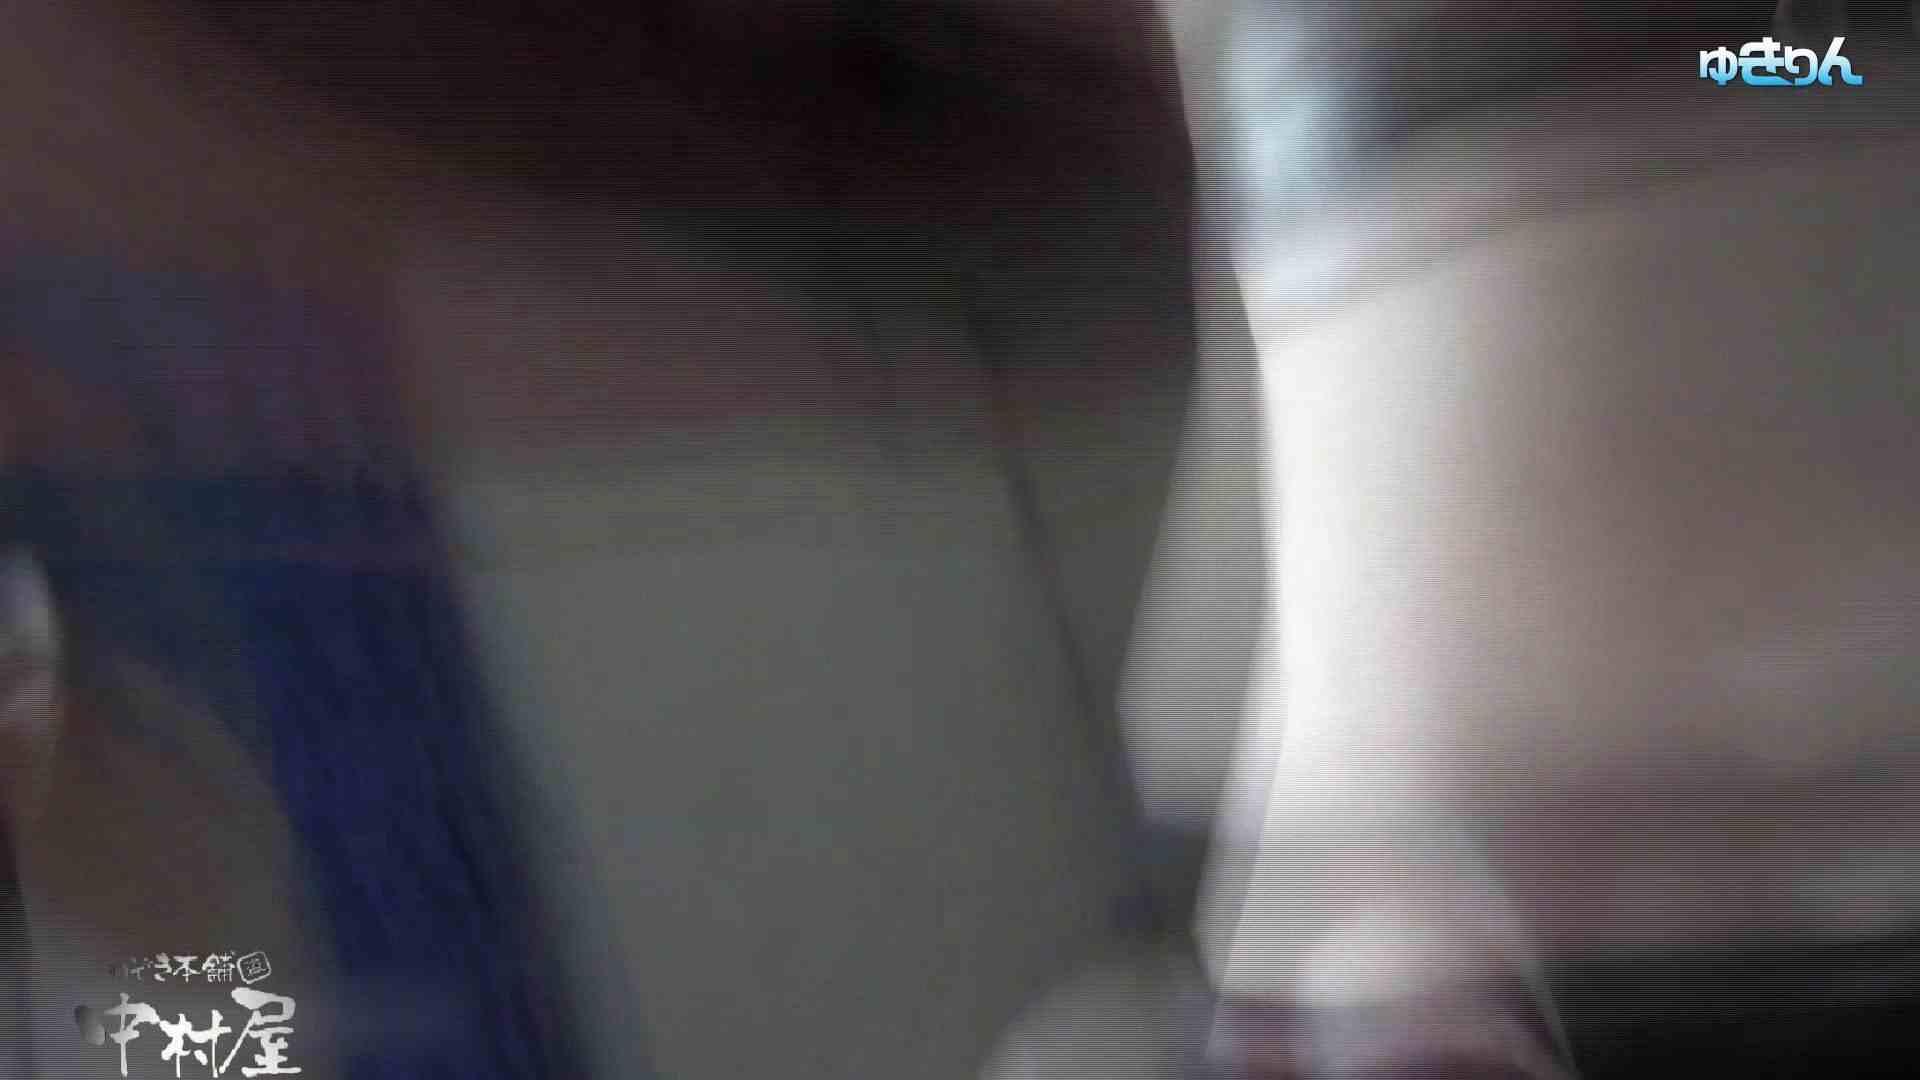 世界の射窓から~ステーション編~vol63 ハイヒール花柄に注目 前編 盗撮シリーズ   おまんこ見放題  97PIX 85